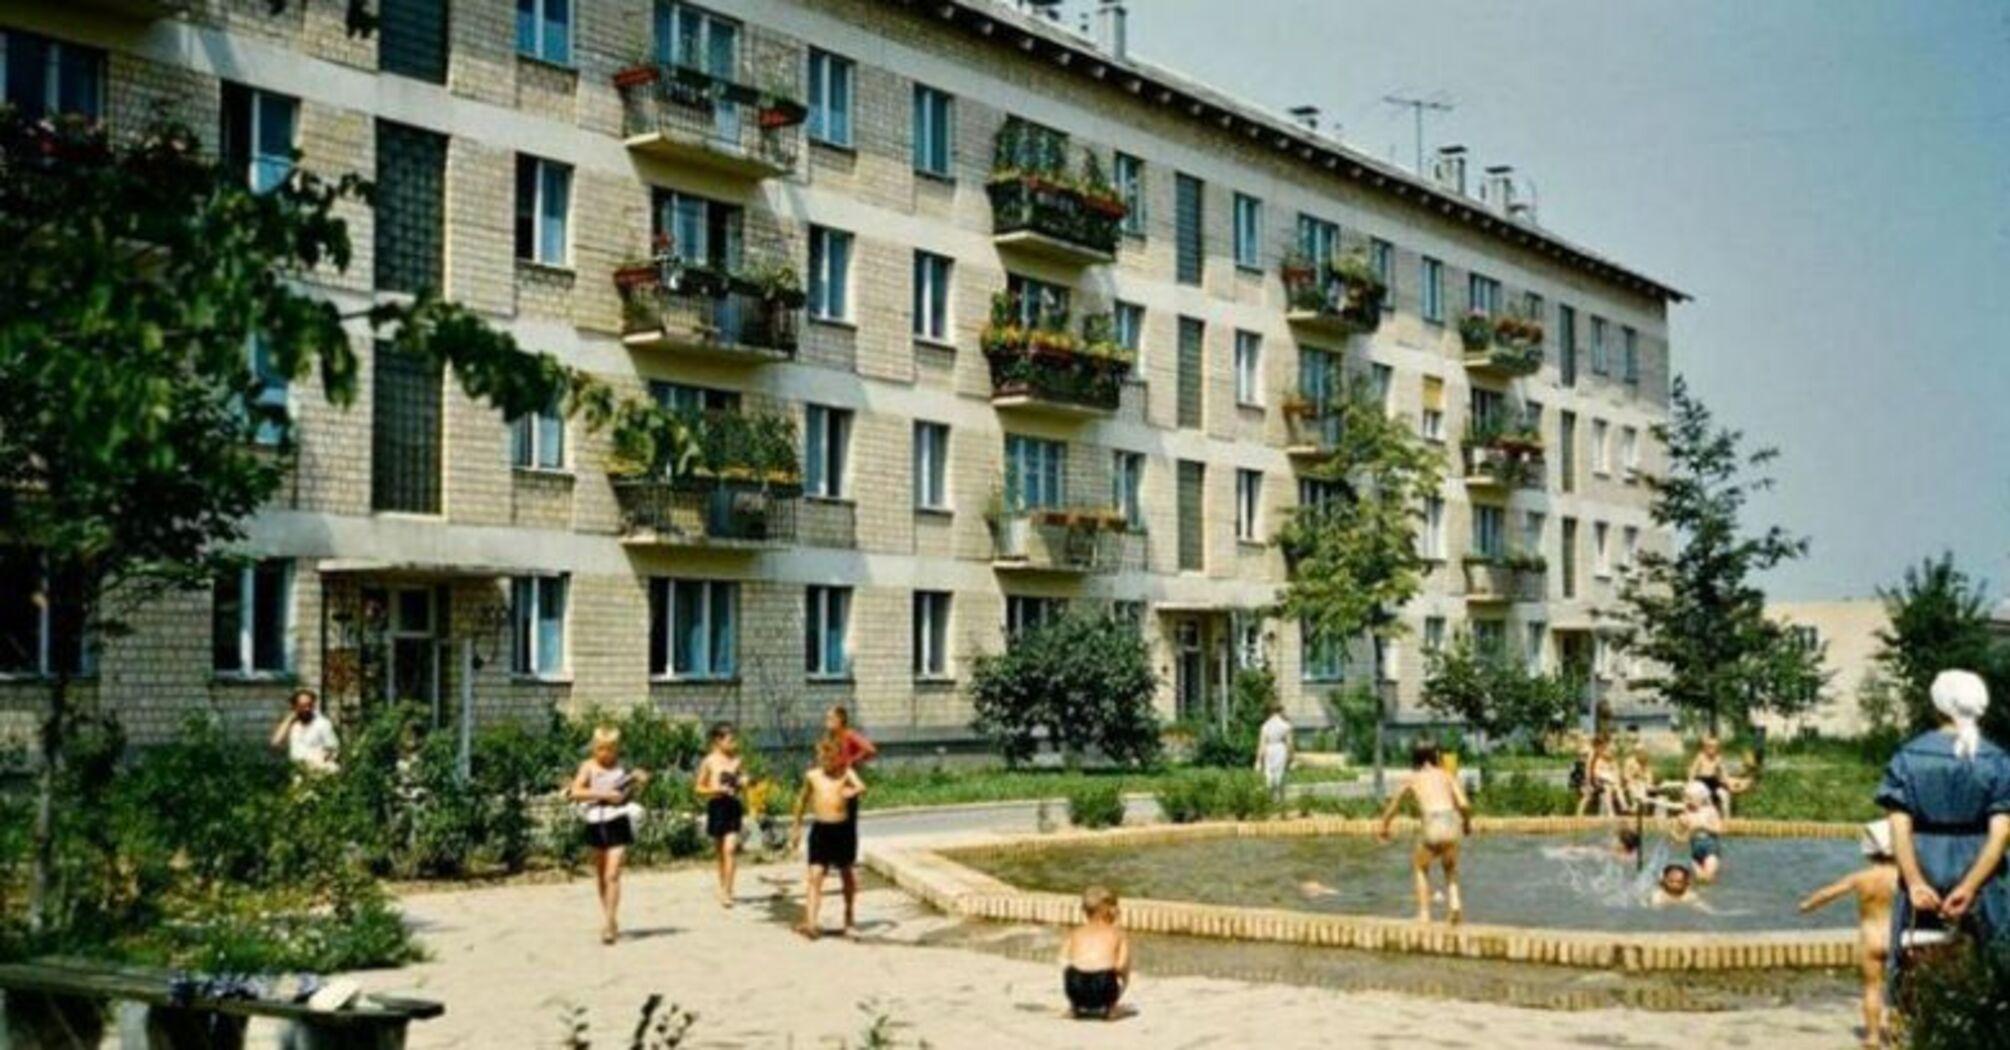 Жилье под снос: куда и как хотят отселять жильцов аварийных домов в Украине